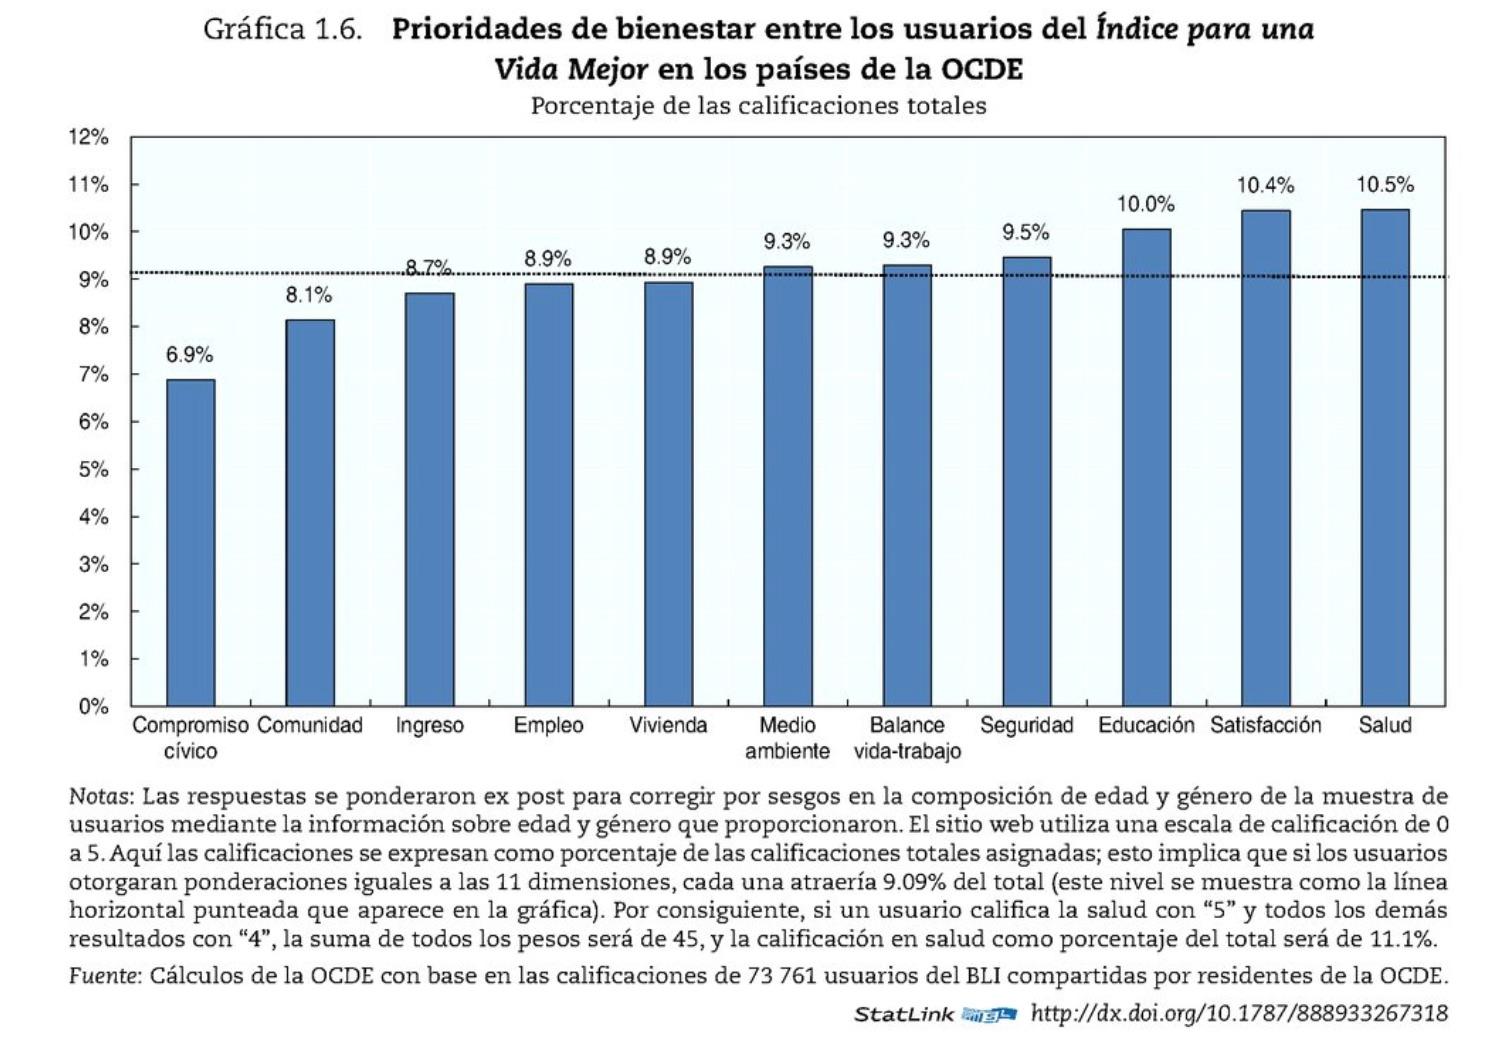 Grafica 1.6 OCDE